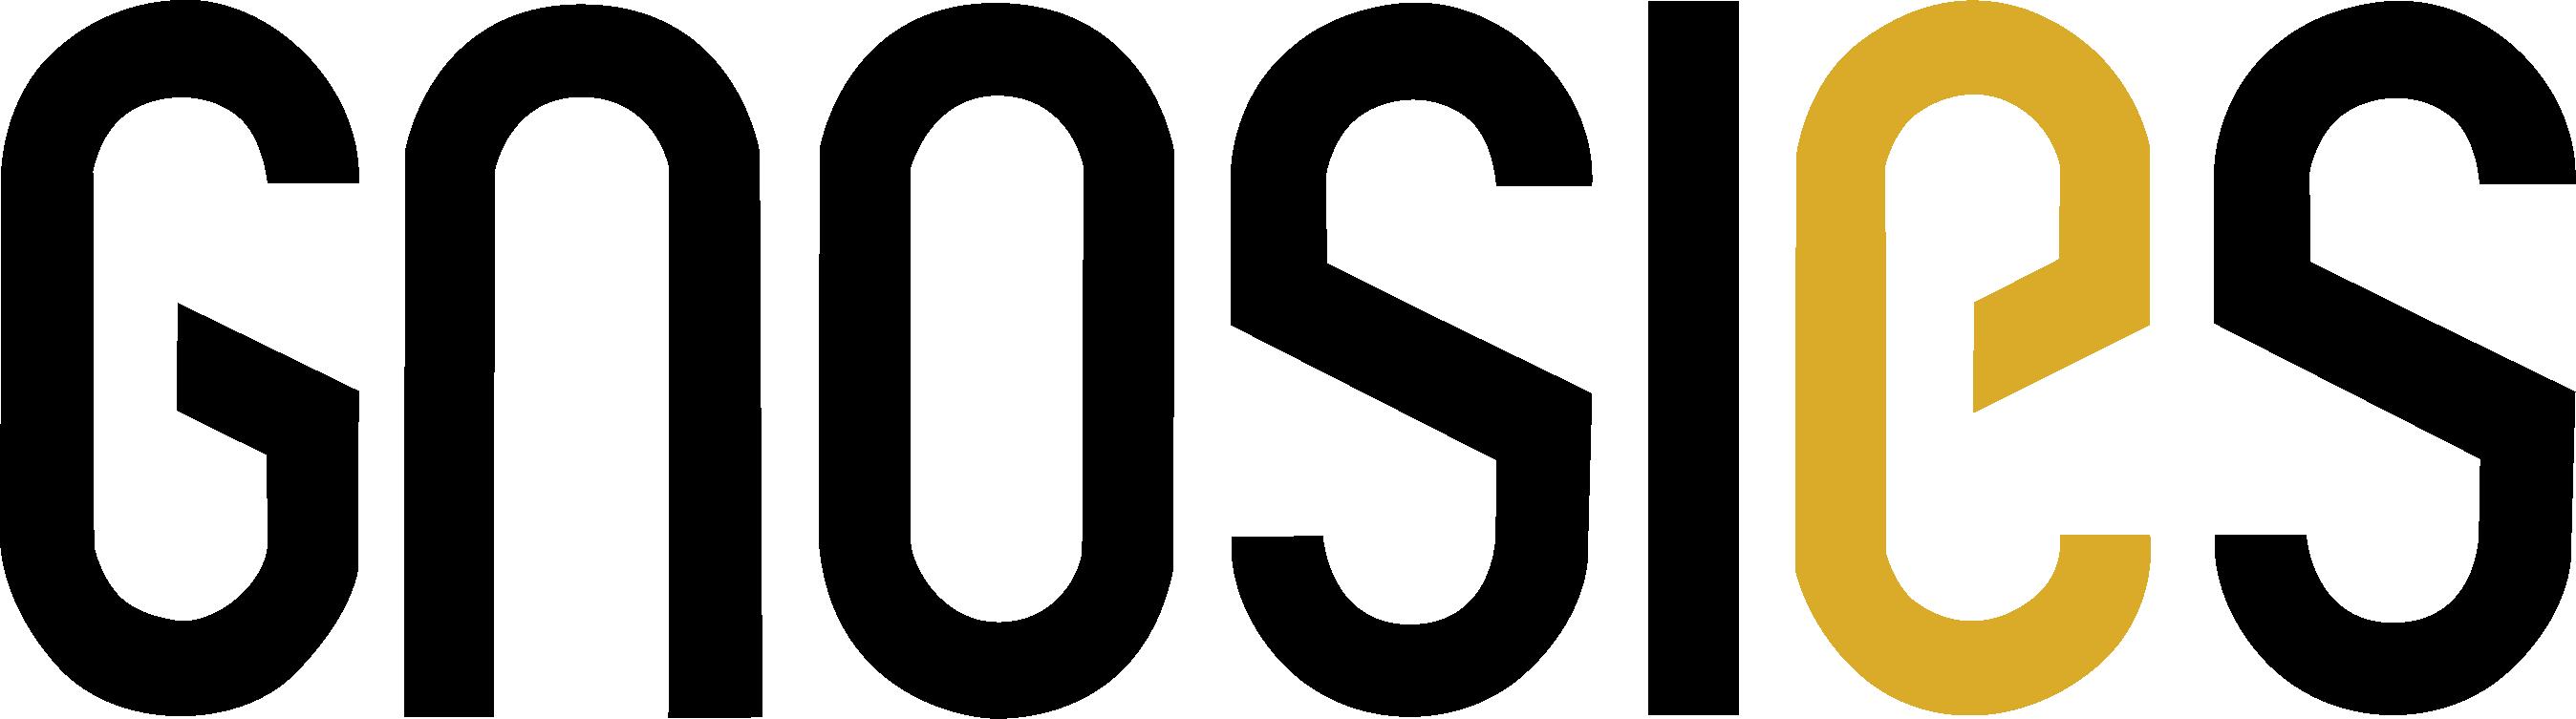 Gnosies – Formação Desportiva